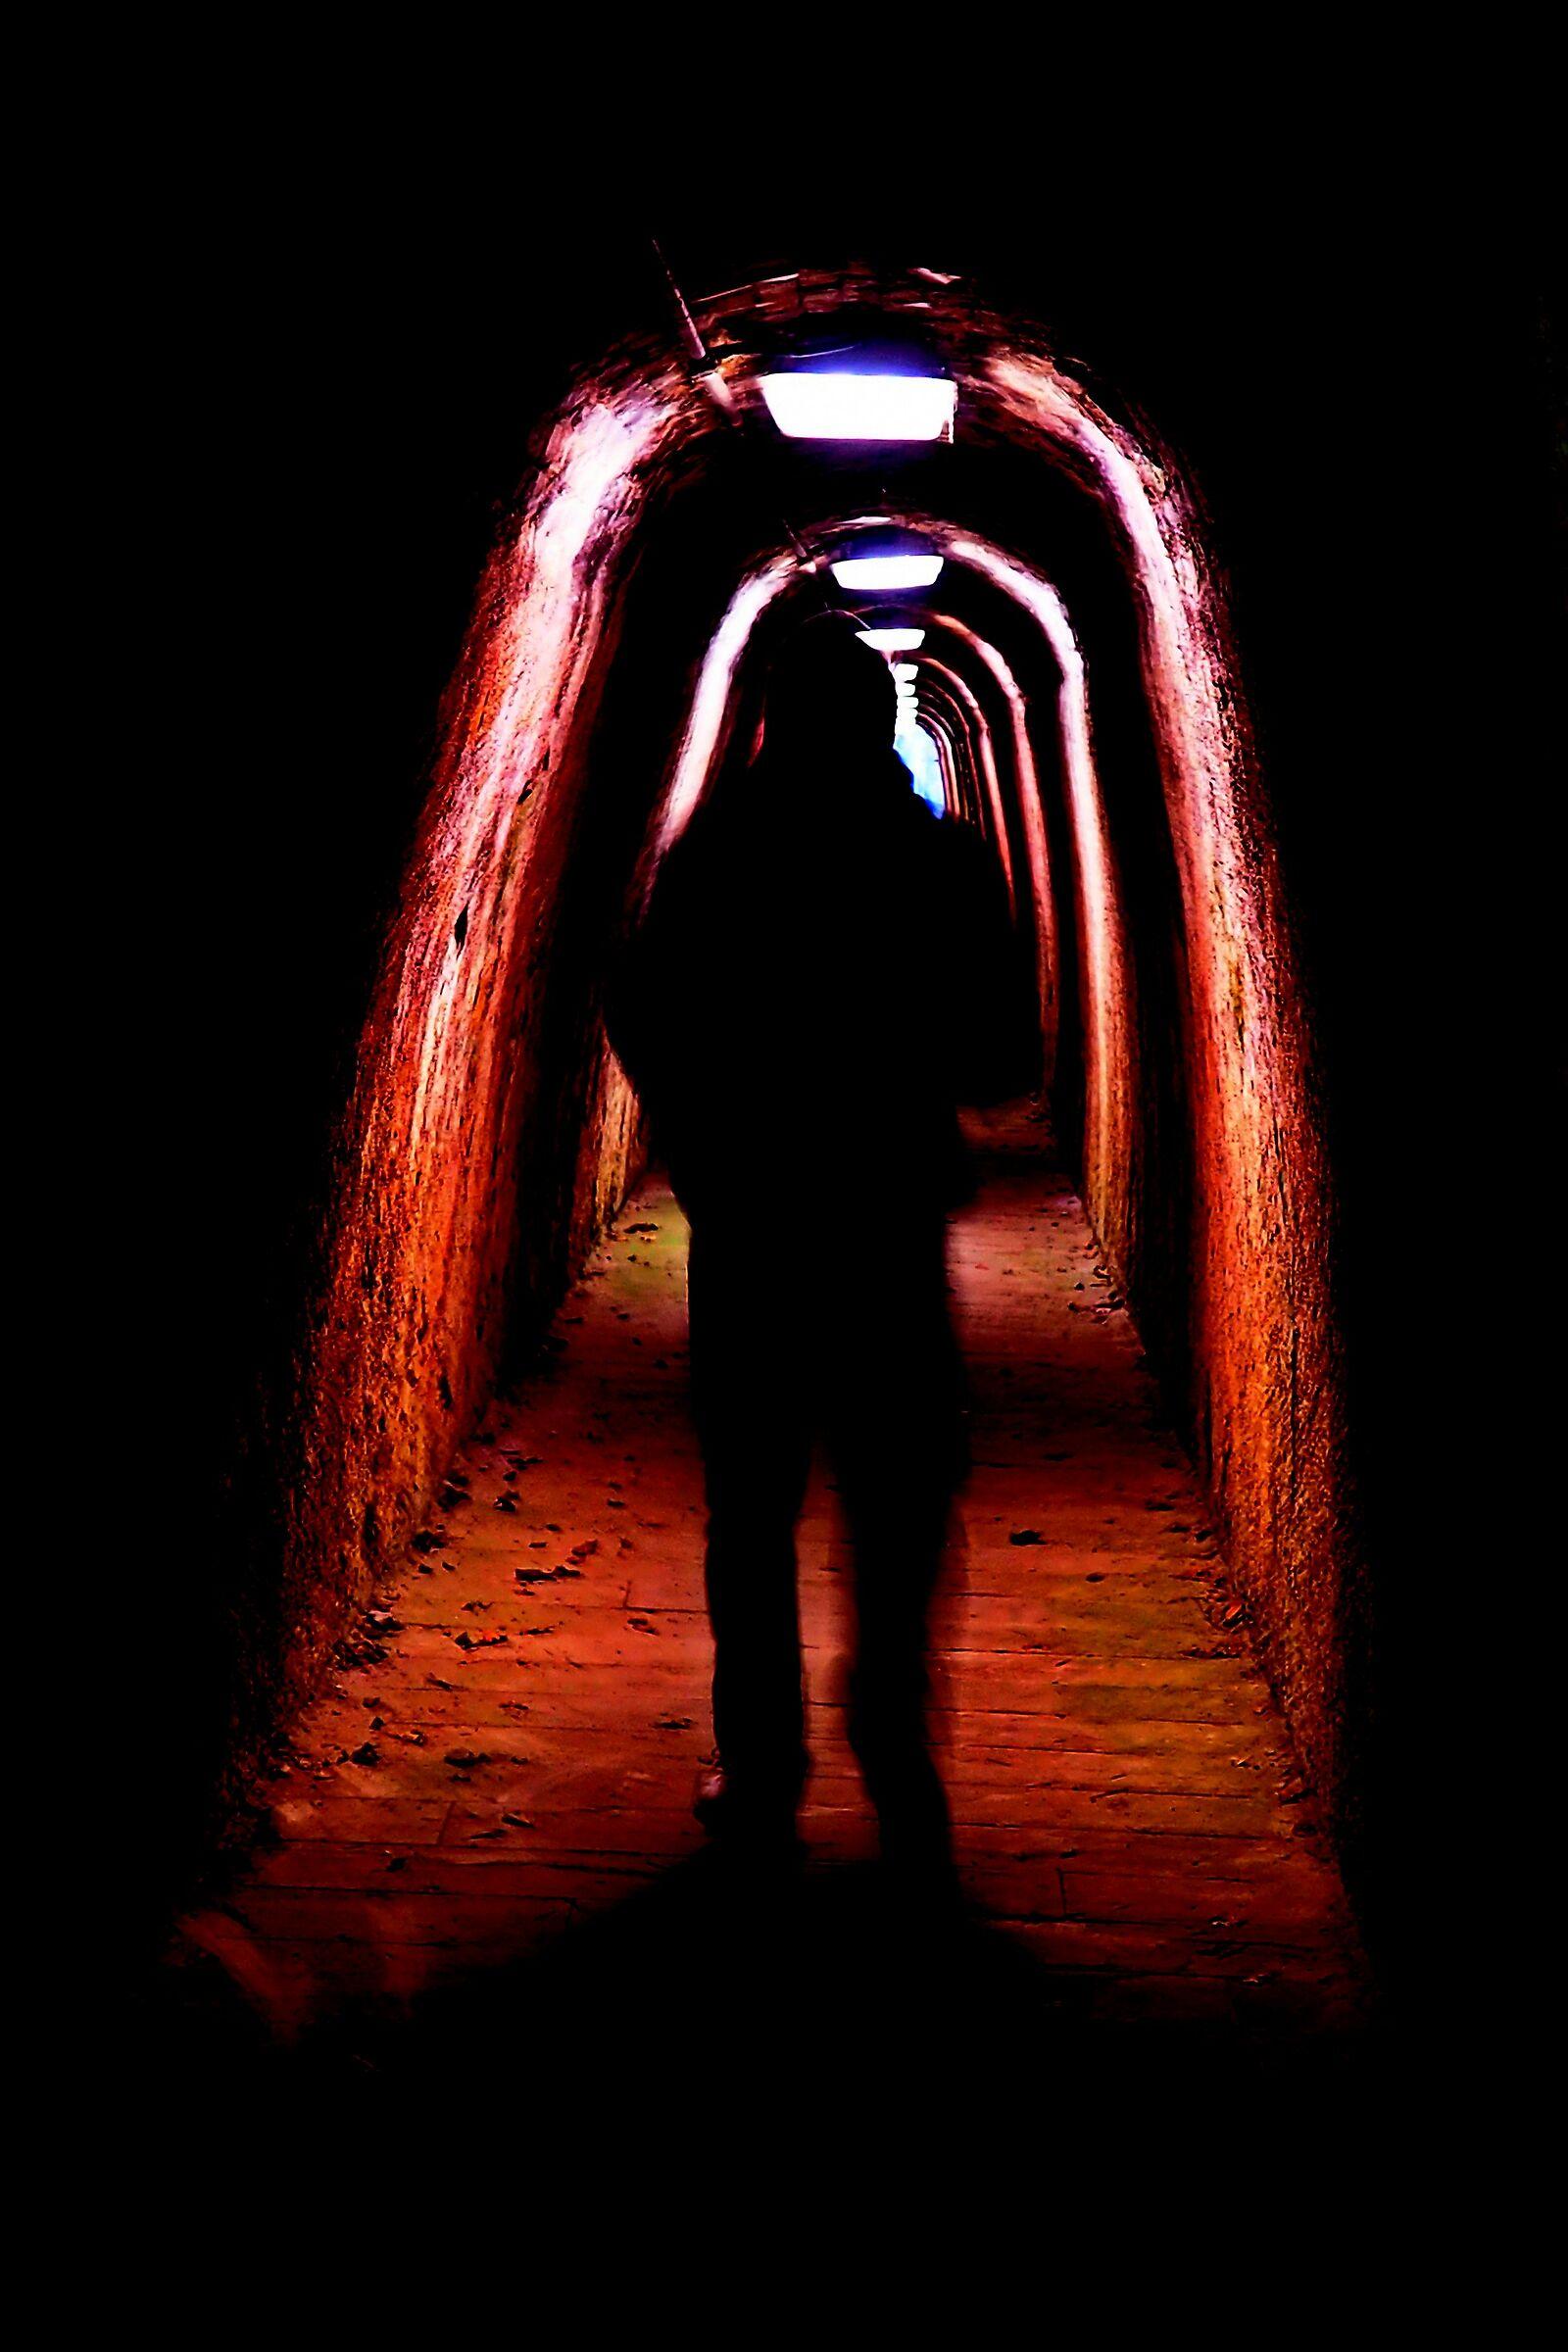 Il tunnel...